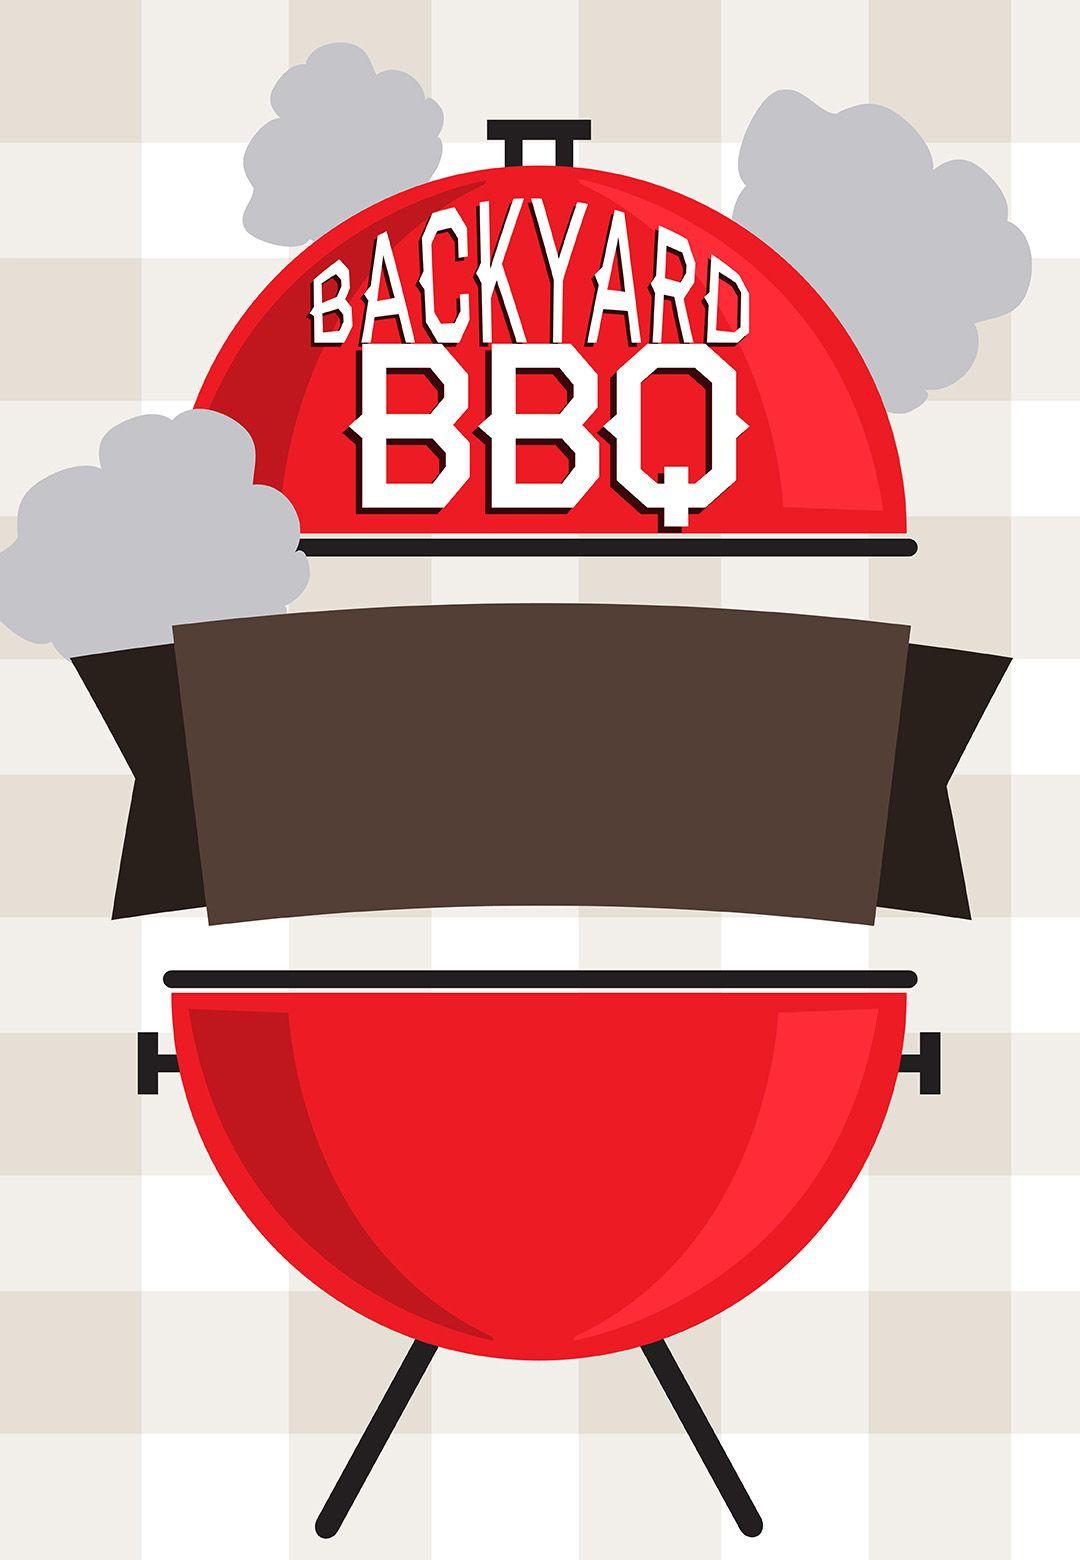 Backyard Bbq.